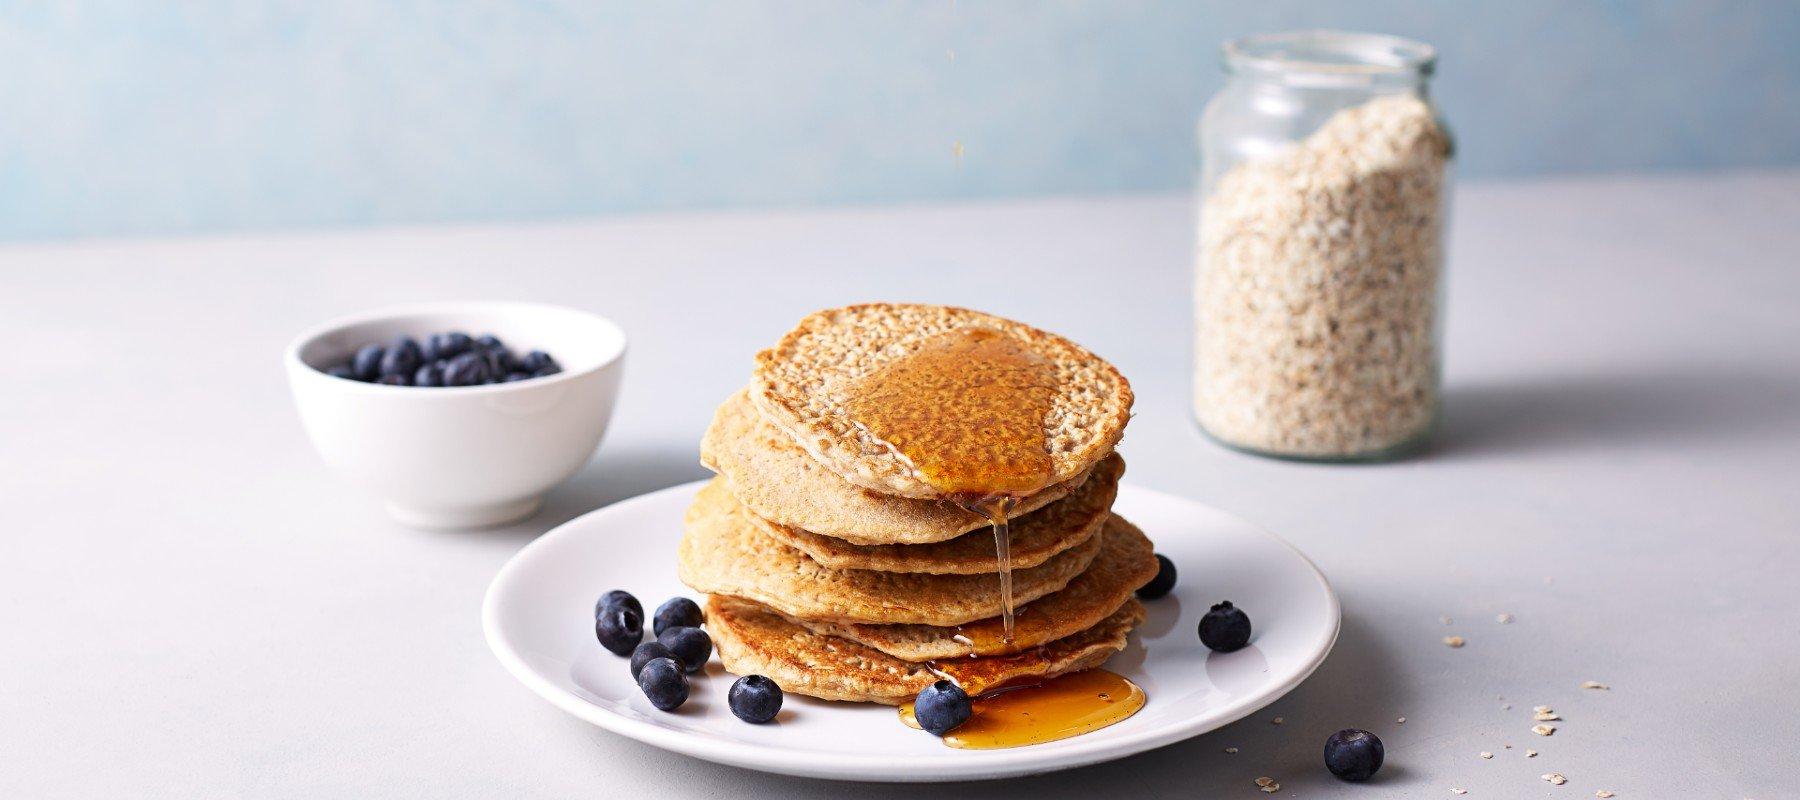 Tipy na ideálne raňajky pred tréningom | Čo (ne)jesť pred cvičením?